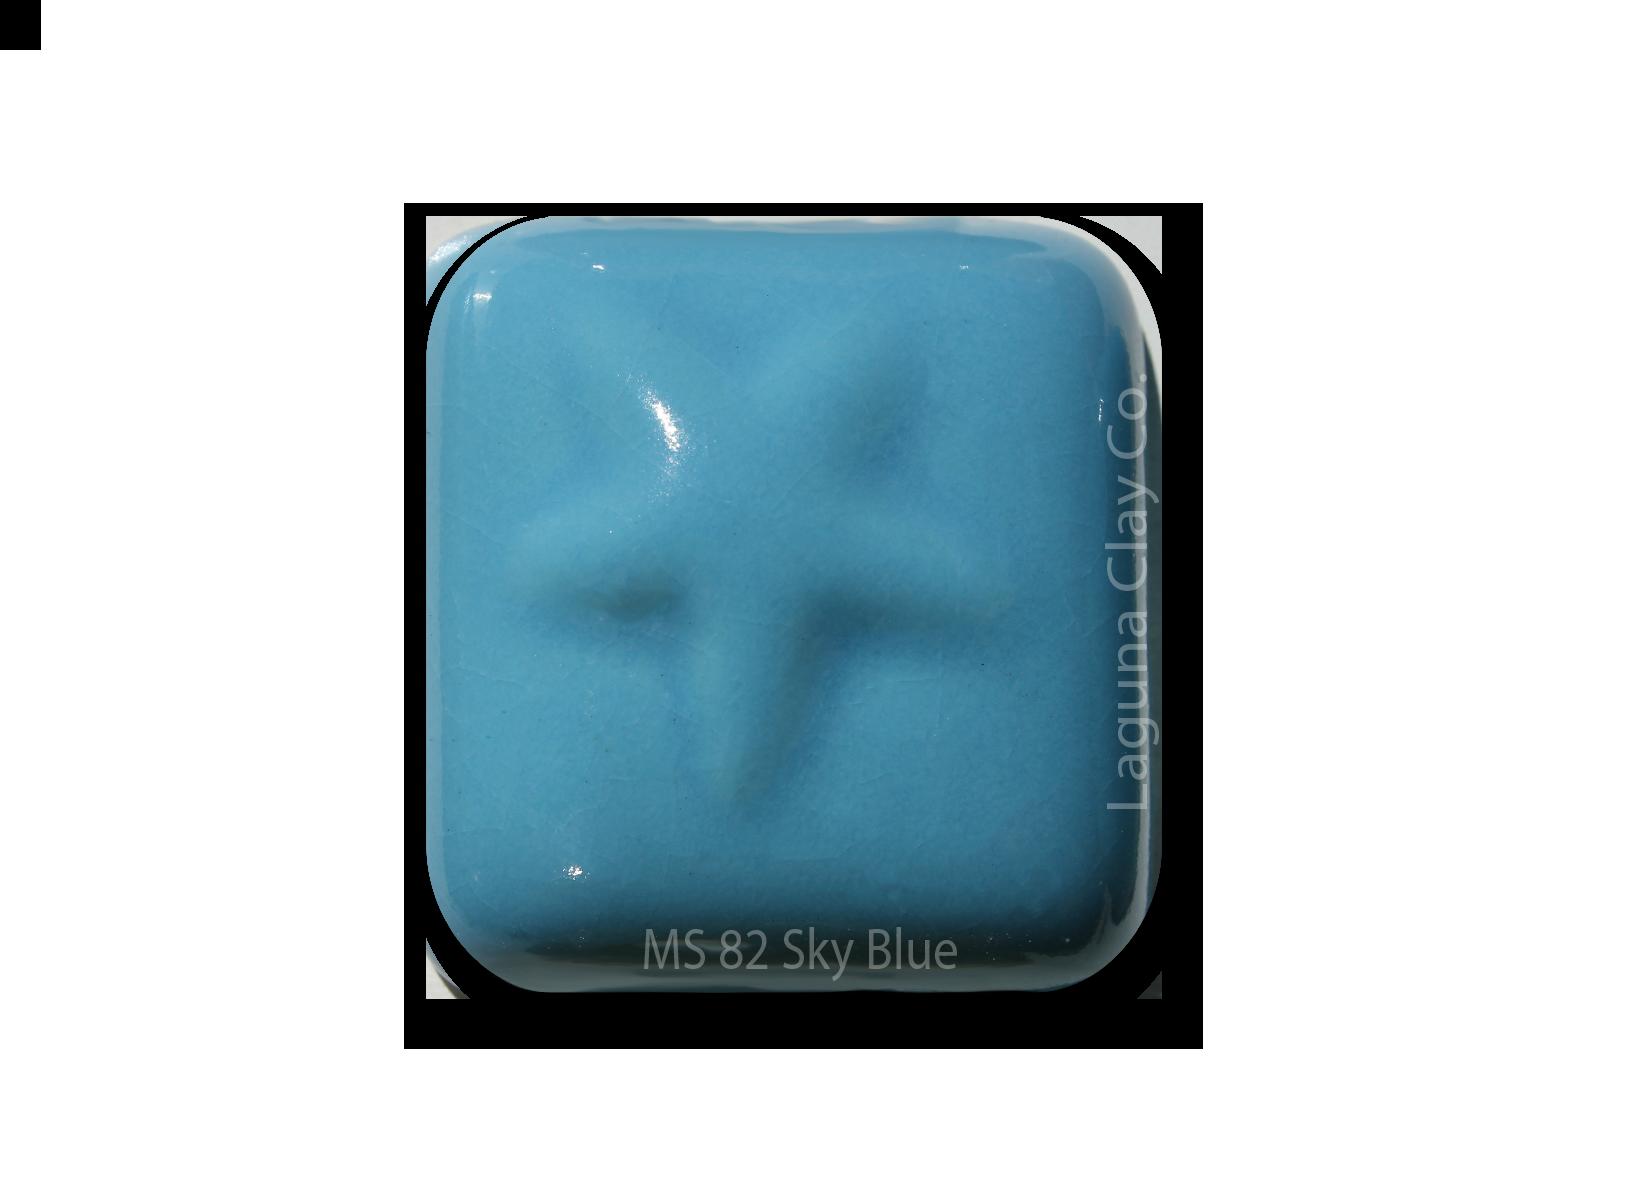 MS-82 Sky Blue